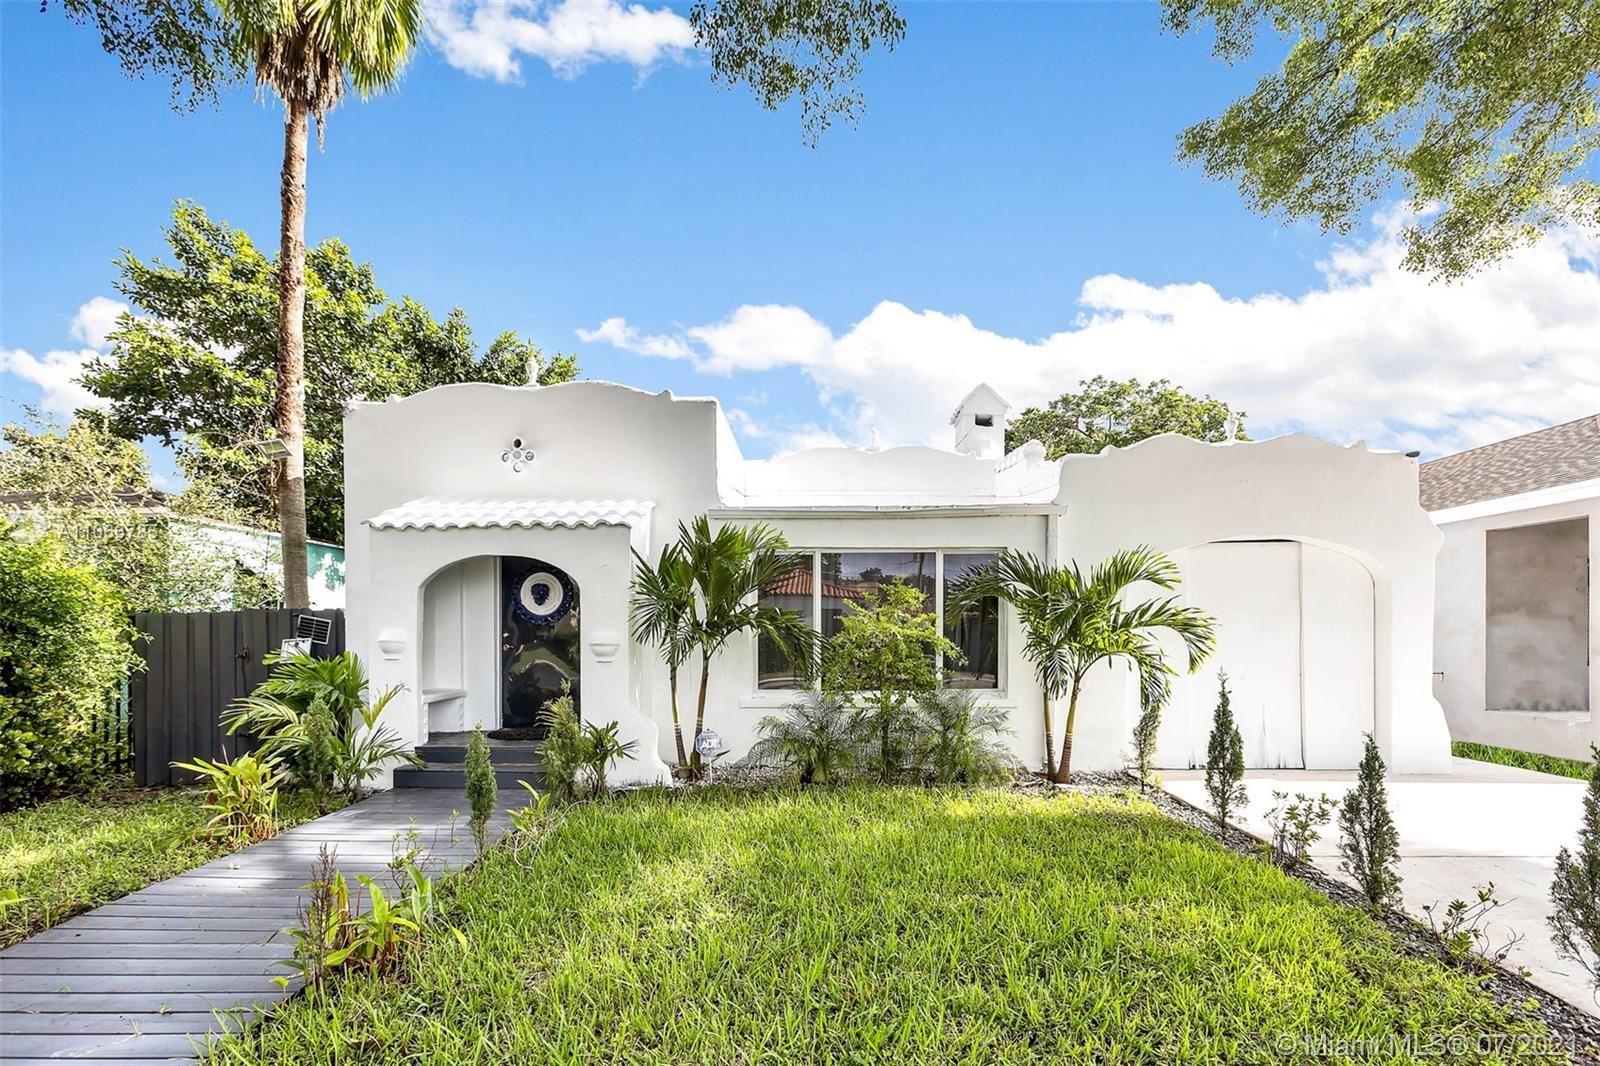 729 NW 47th St, Miami, FL 33127 - #: A11066785